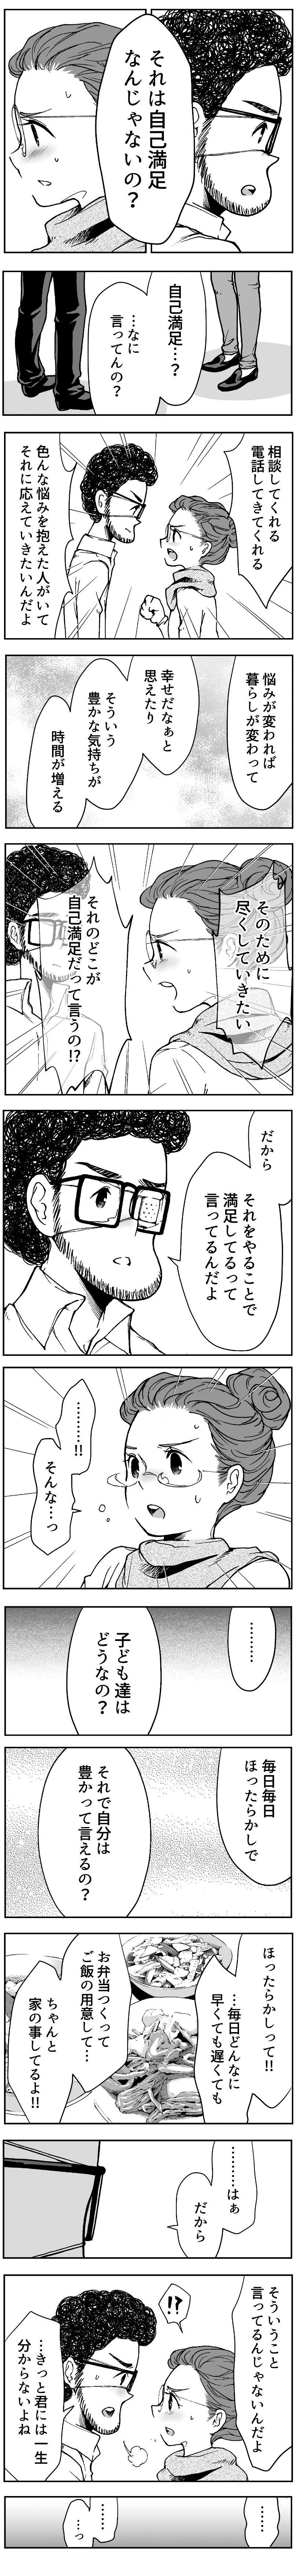 65-2.jpg